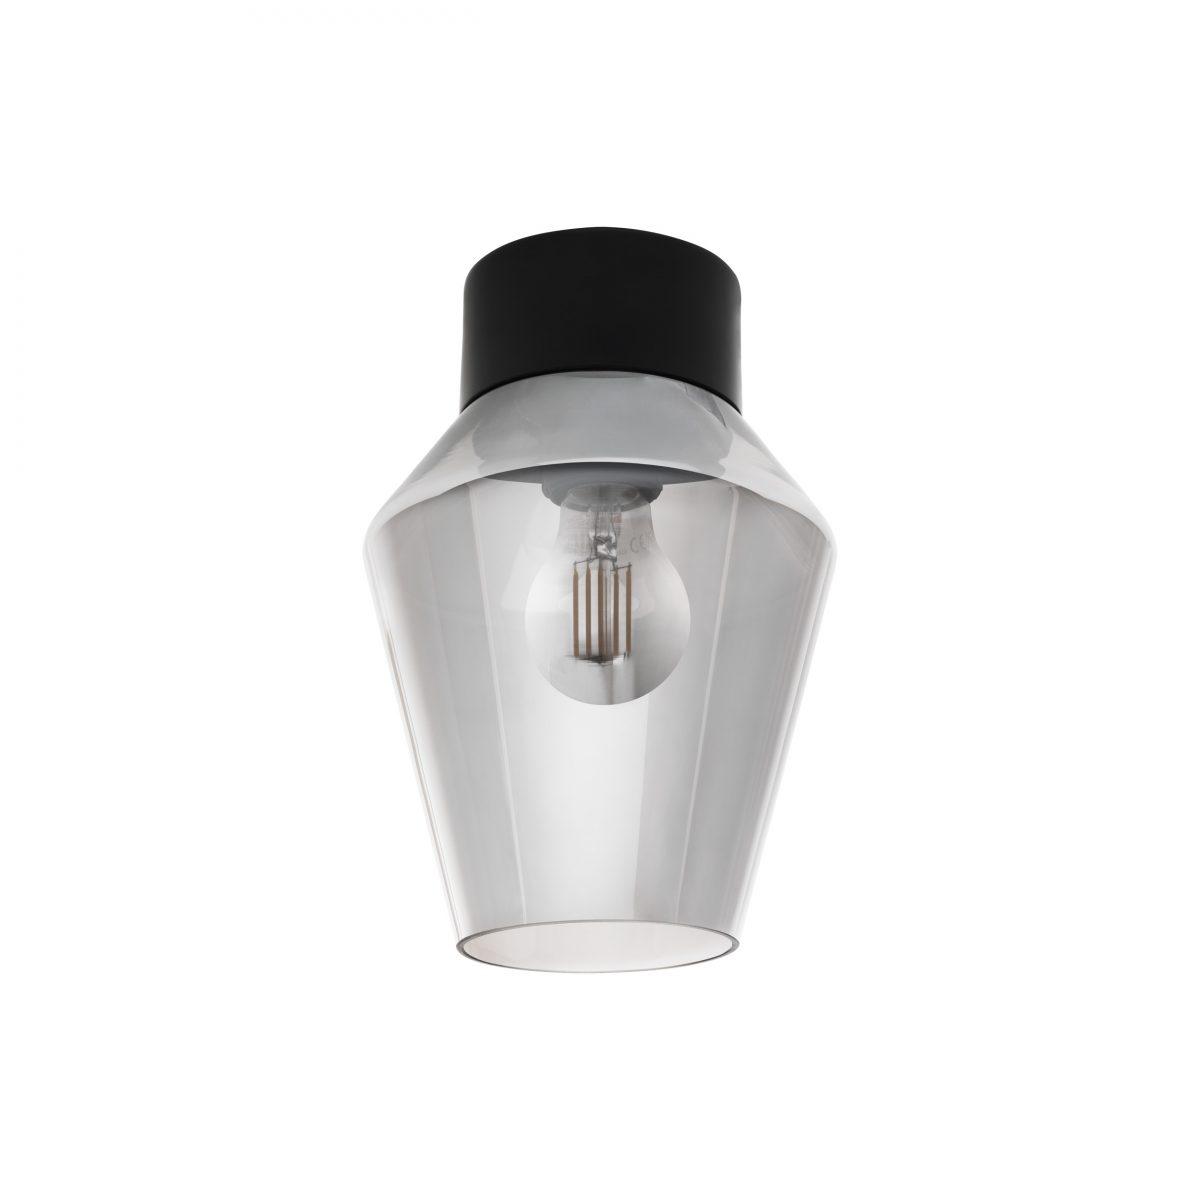 Светильник настенно-потолочный VERELLI EGLO 97634 - Фото №28